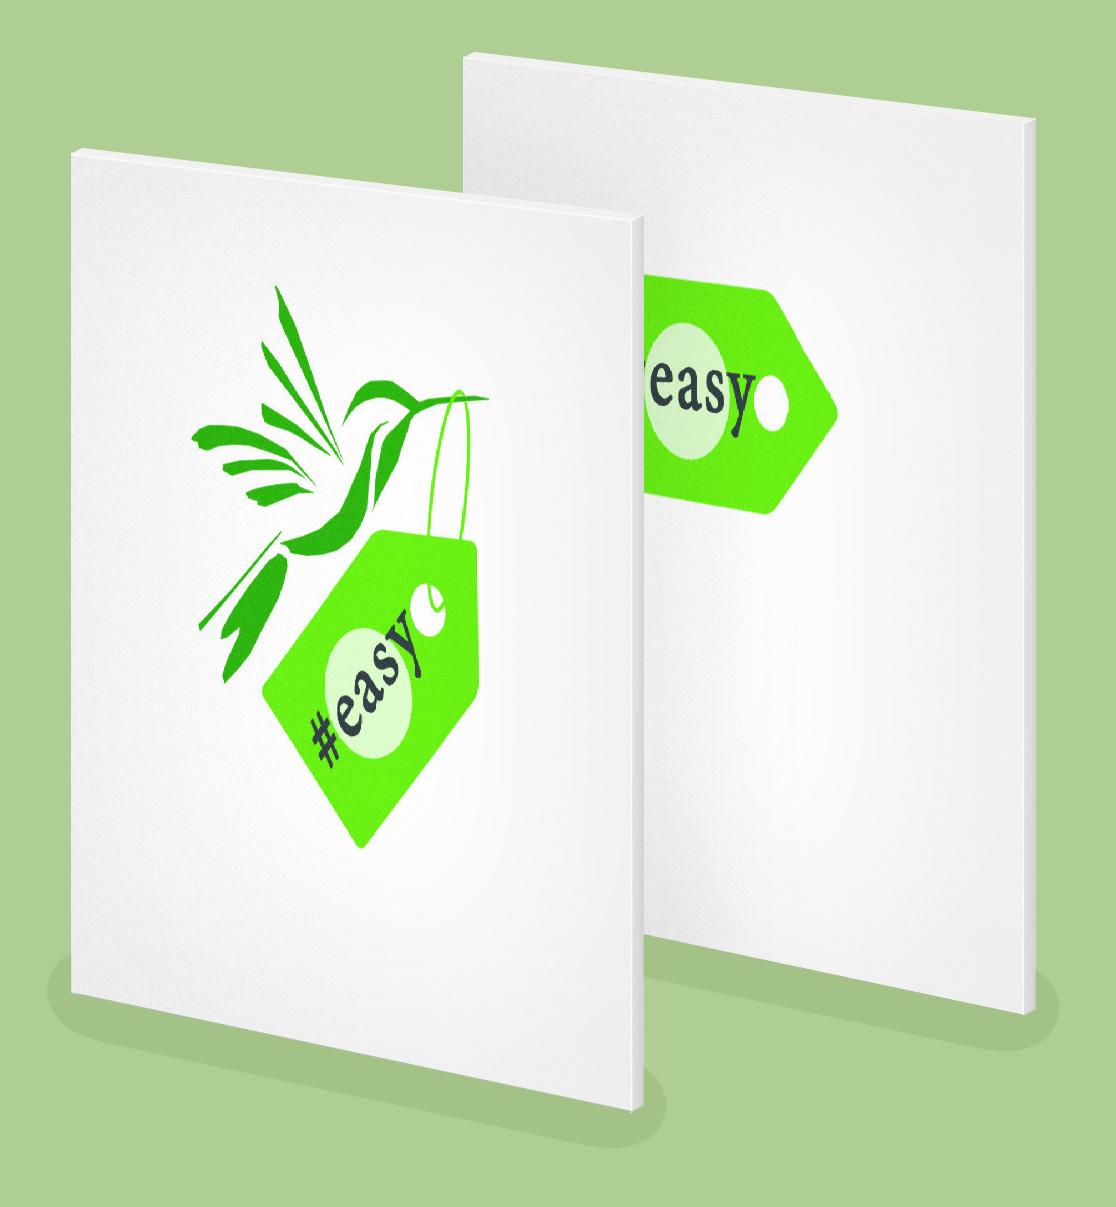 Разработка логотипа в виде хэштега #easy с зеленой колибри  фото f_9125d500546caa6b.jpg